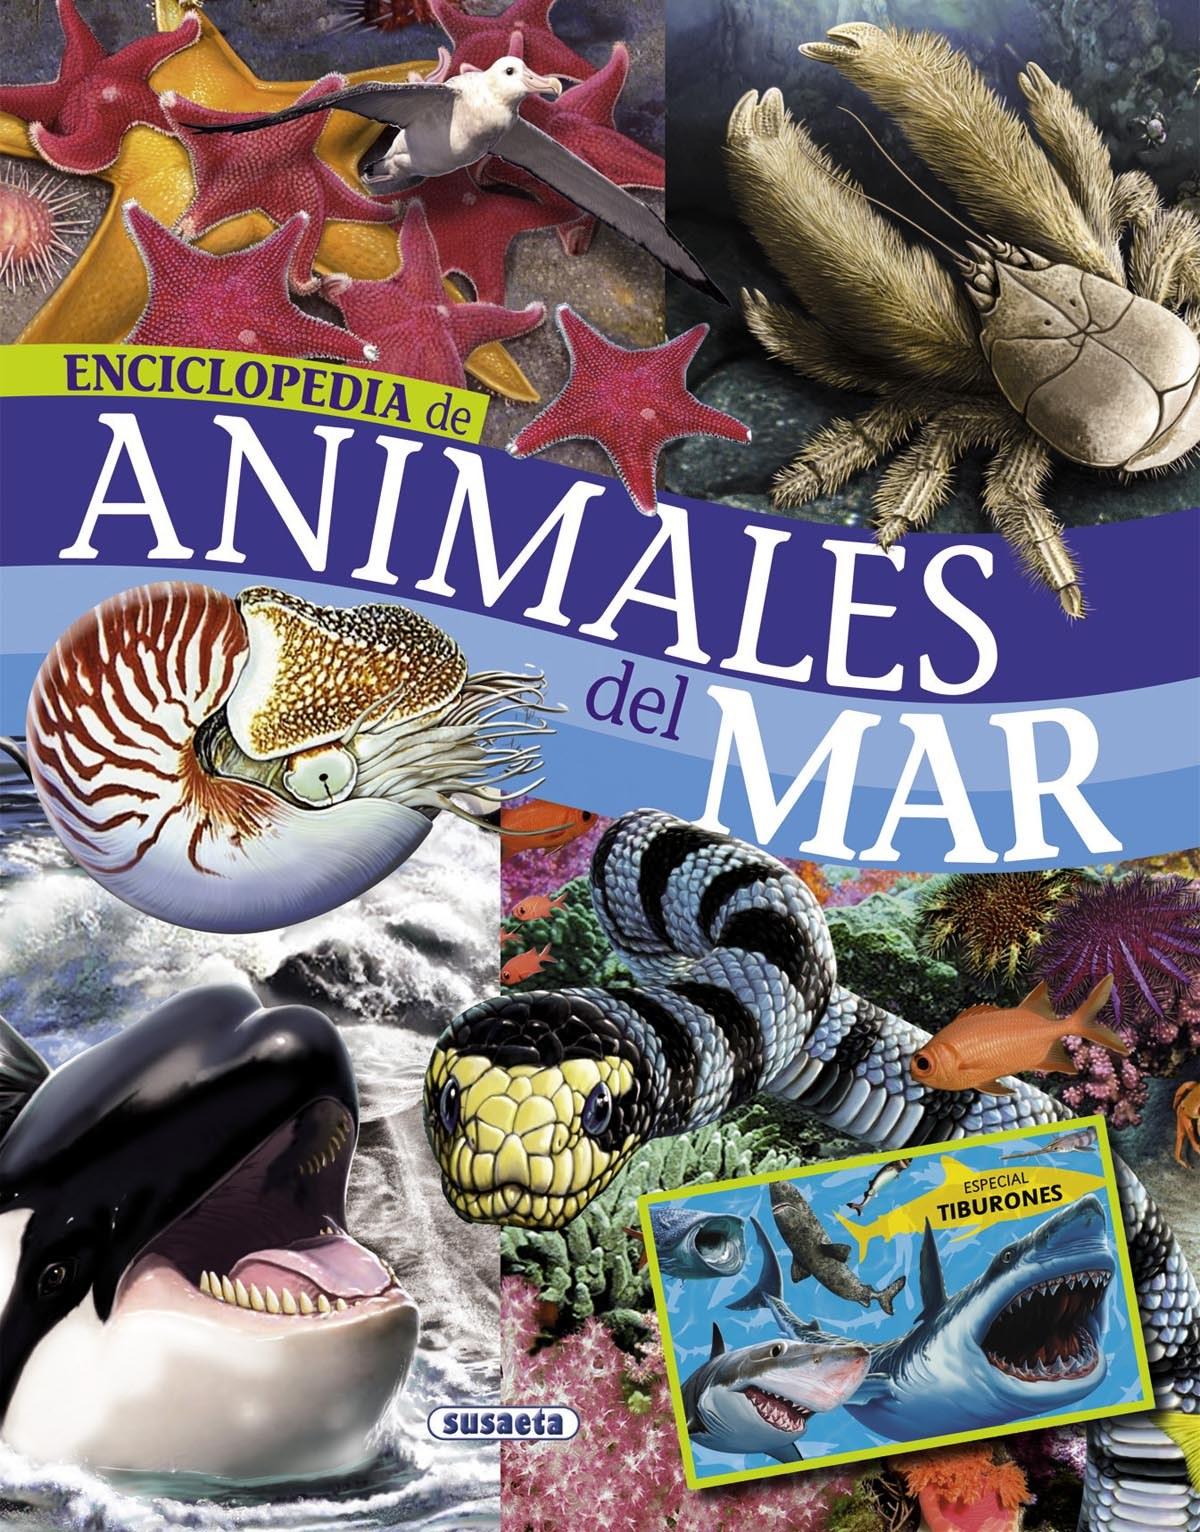 Enciclopedia de animales del mar 9788467715132